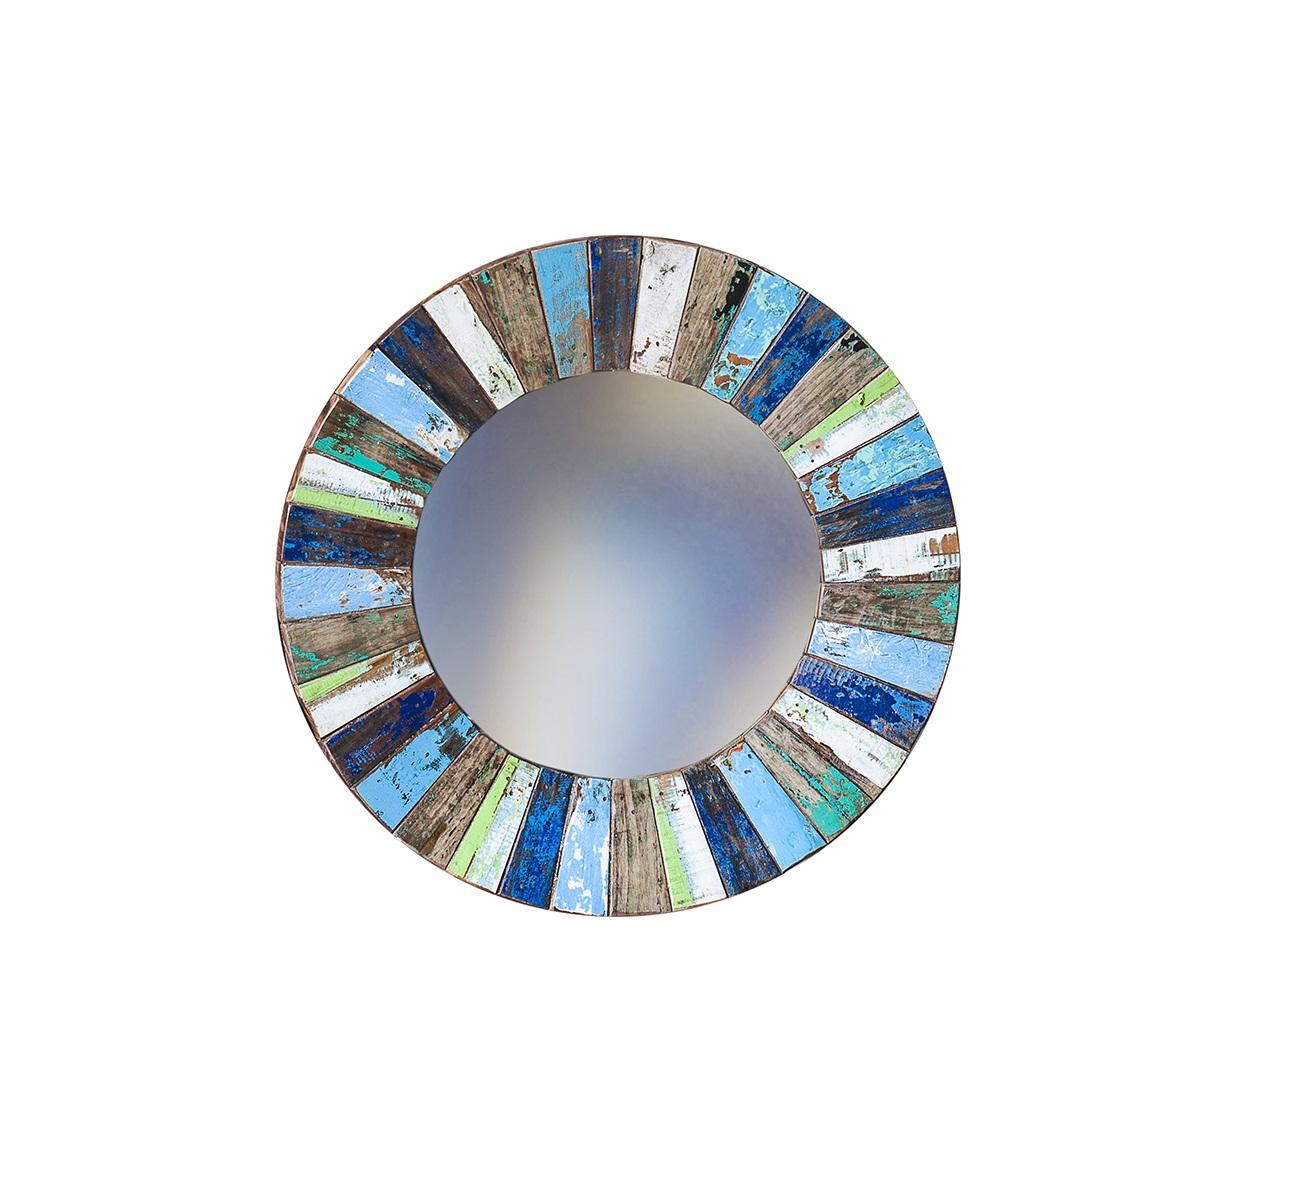 Зеркало КолобокНастенные зеркала<br>Круглое зеркало выполнено из фрагментов настоящего рыболовецкого судна, возраст которого 20-40 лет. Окрас сохранён оригинальный. Диаметр 78 см.<br><br>Material: Тик<br>Width см: =<br>Depth см: 4<br>Height см: =<br>Diameter см: 78